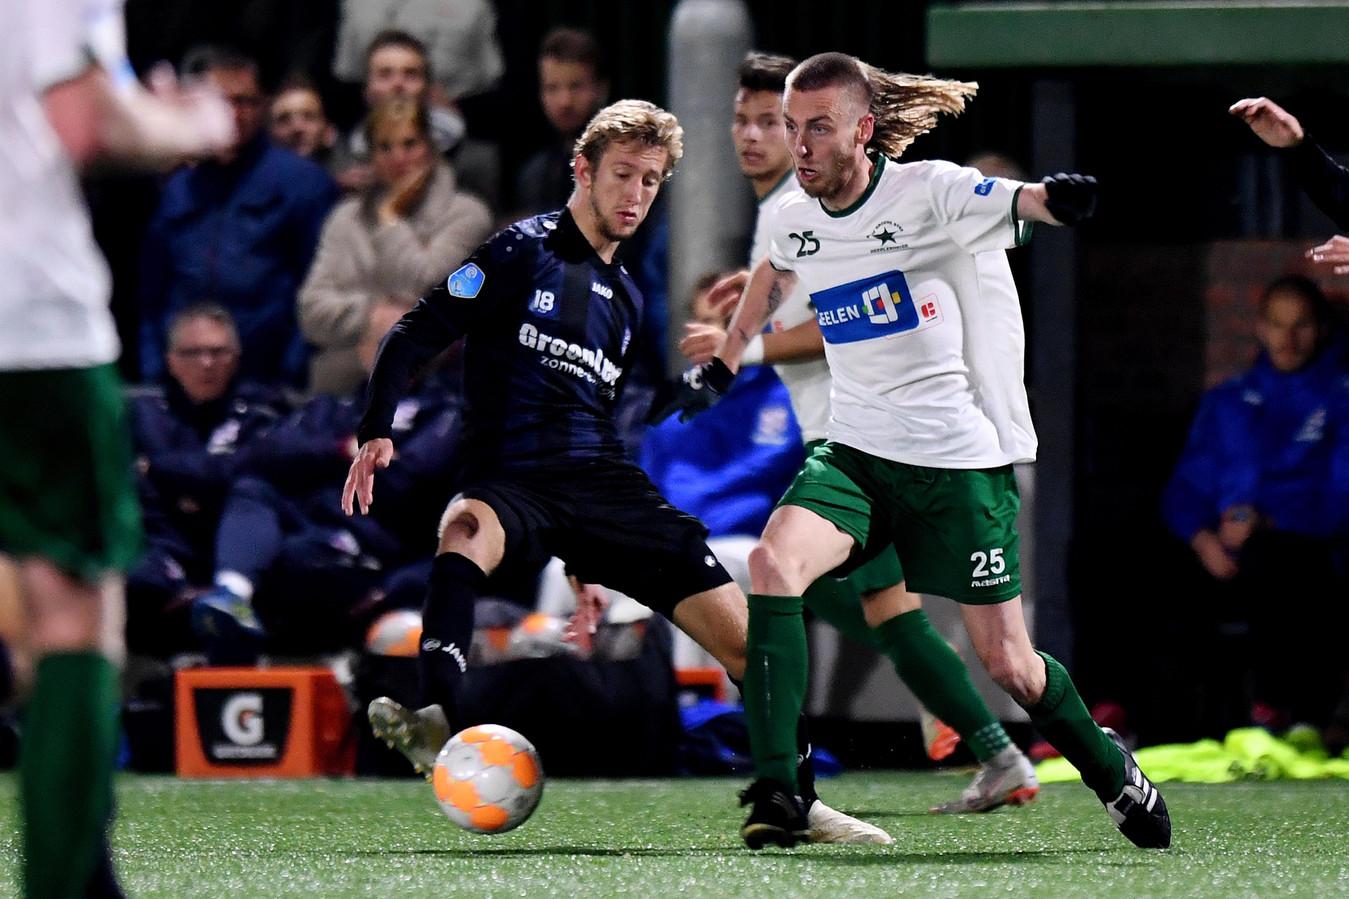 Nathan Rutjes van Groene Ster (r) in duel om de bal met Michel Vlap van Heerenveen.